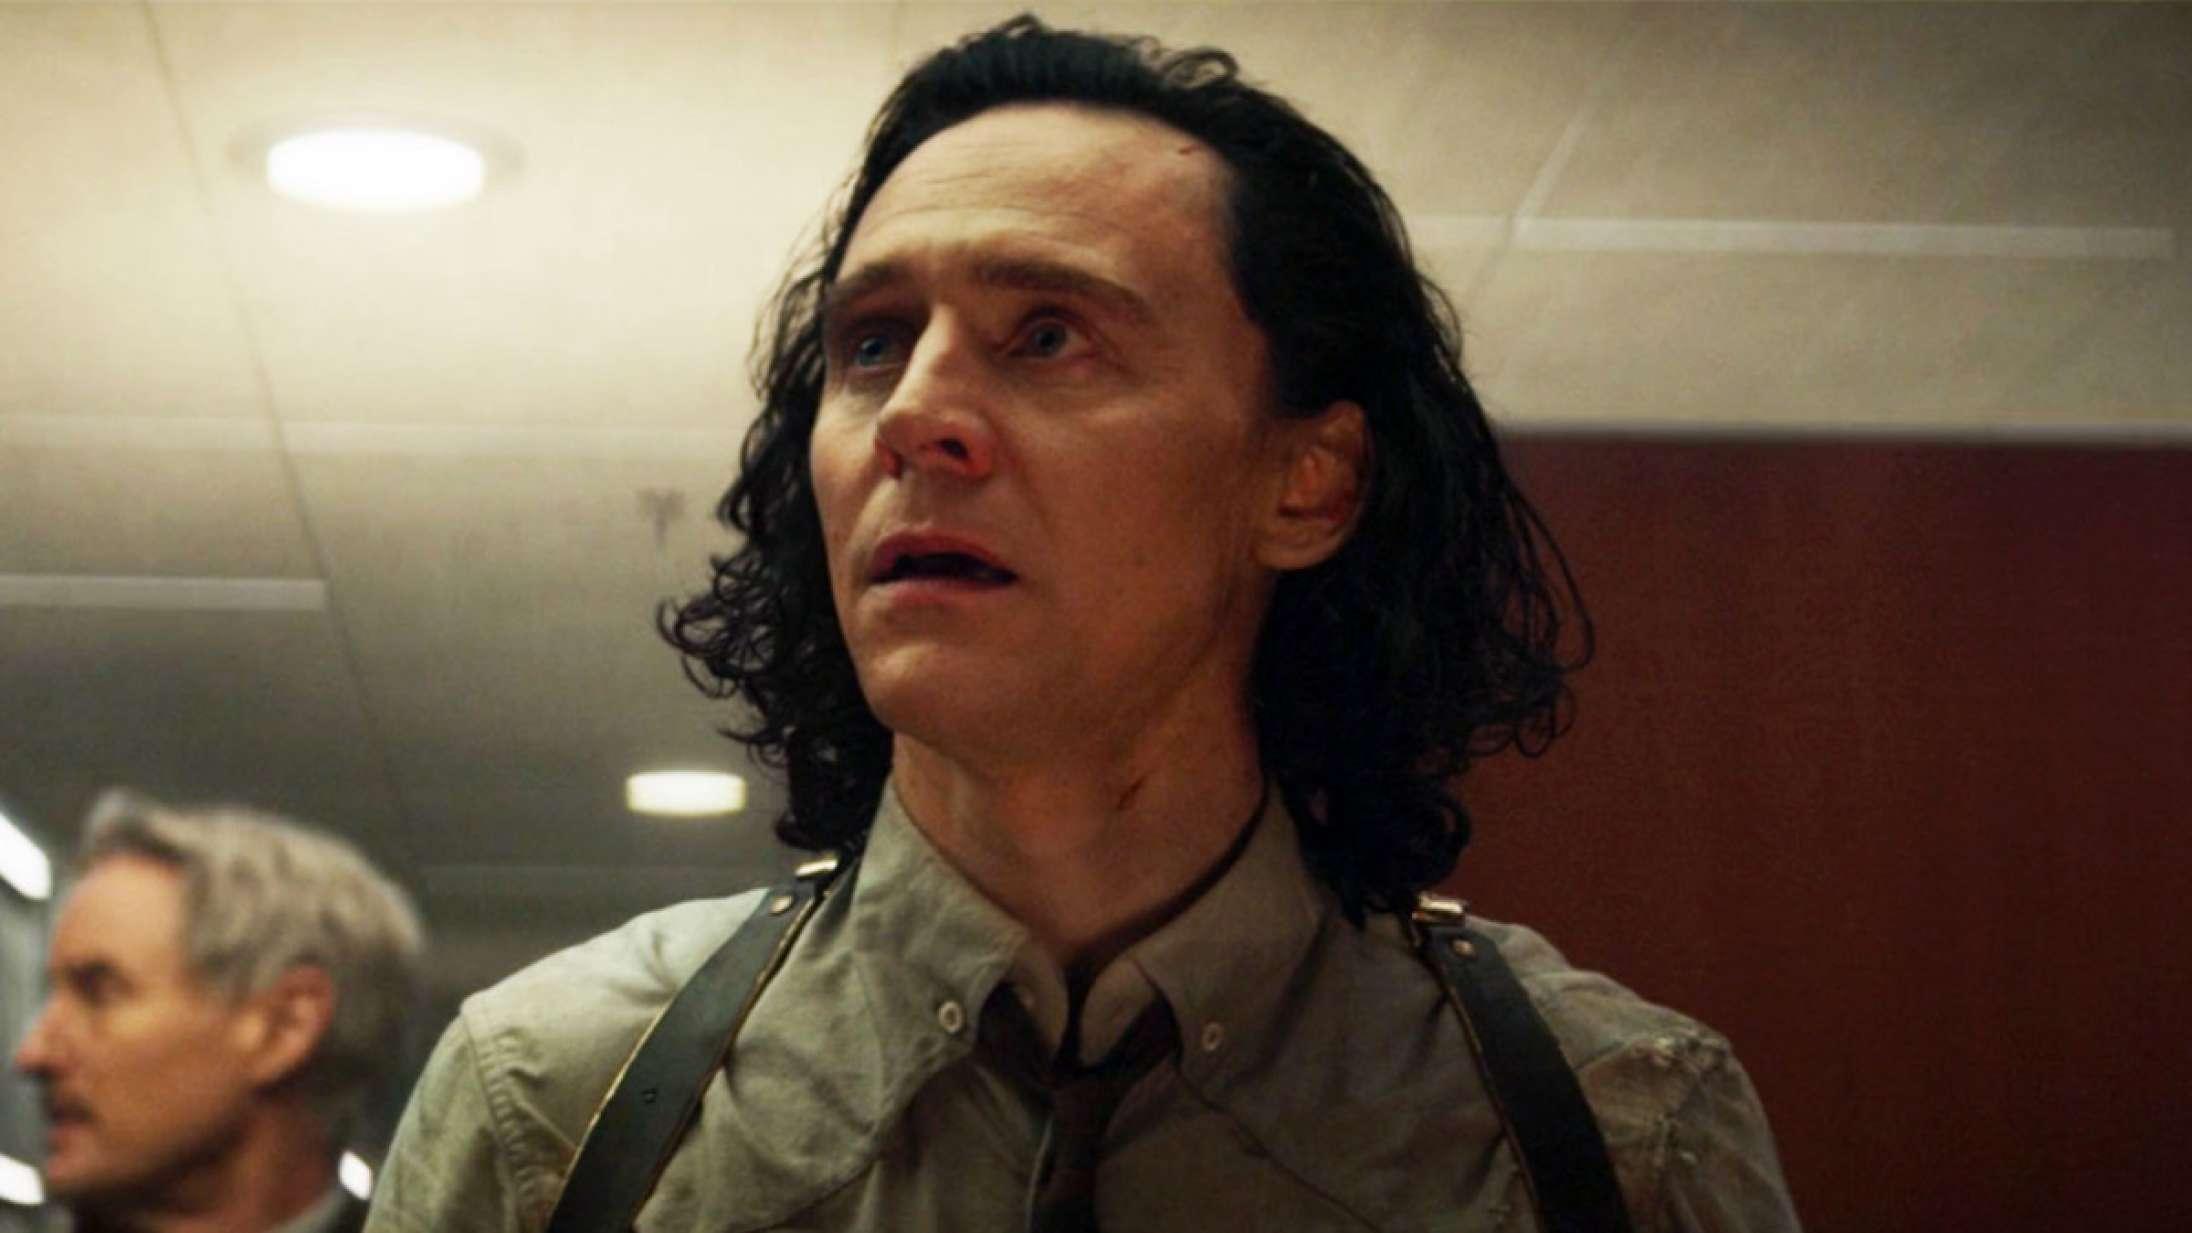 Med et akavet kys gav 'Loki'-finalen os nøglerne til et nyt filmunivers